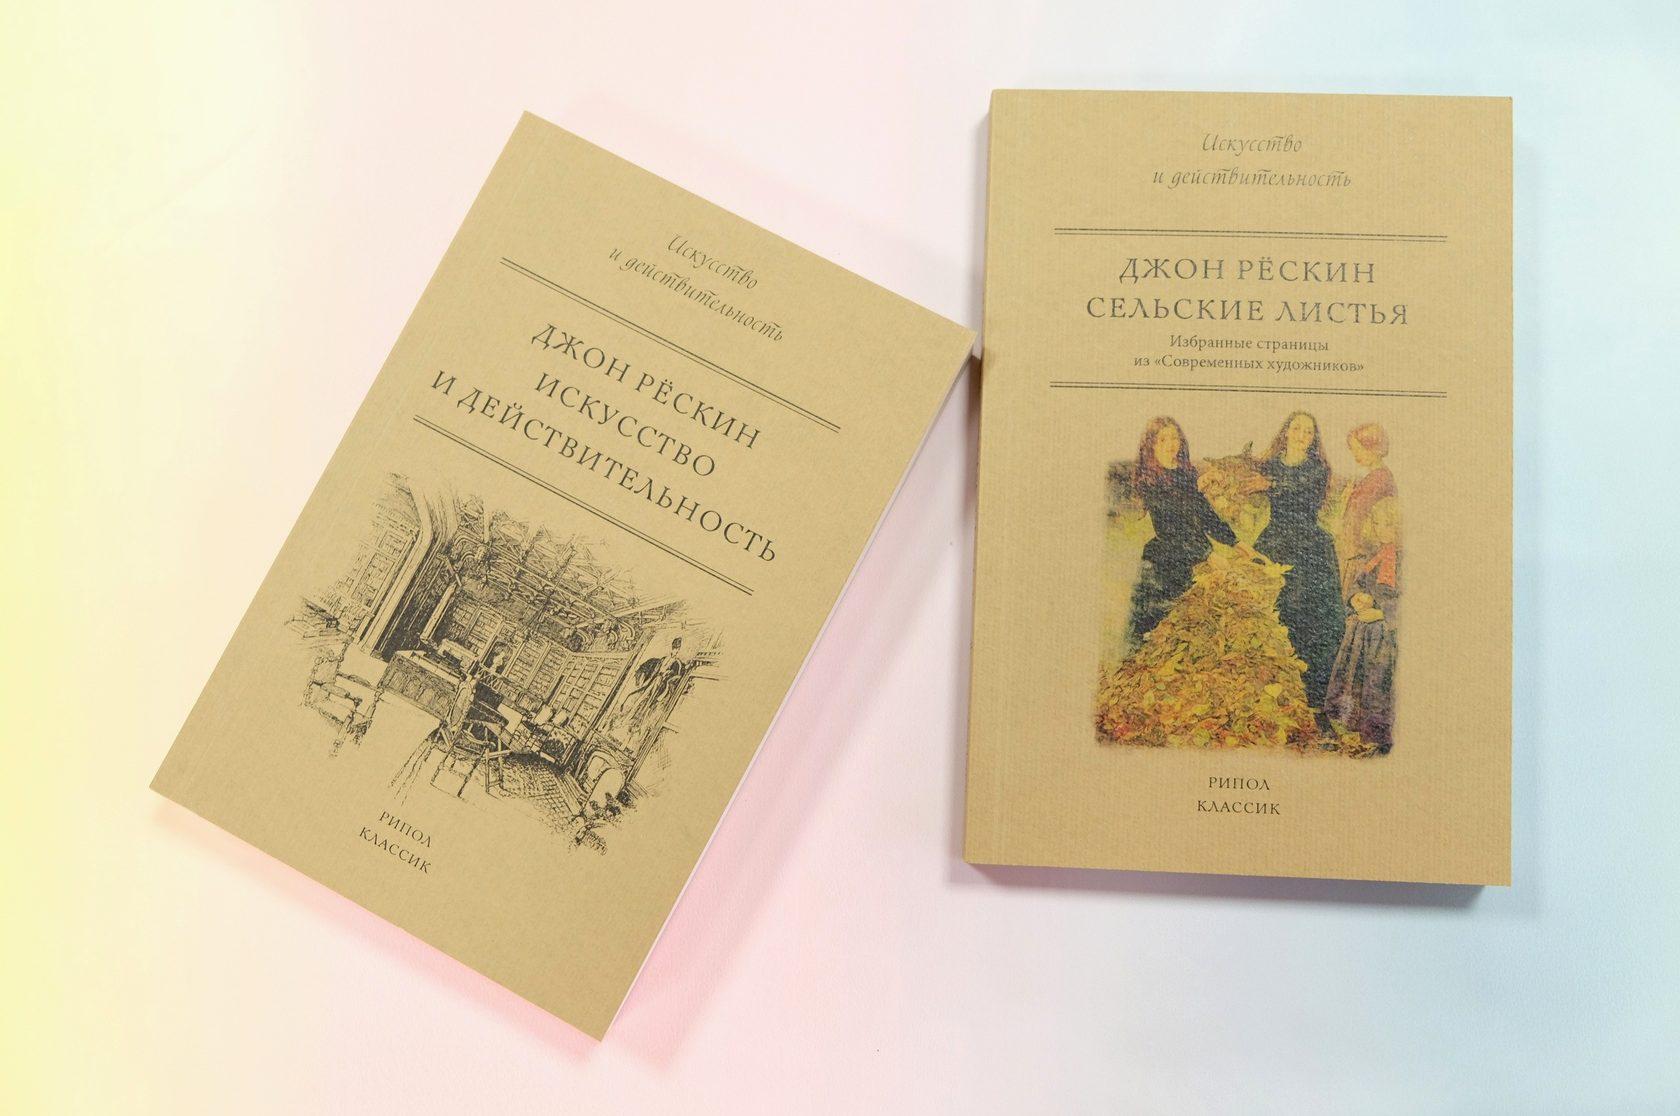 Джон Рёскин «Сельские листья» и «Искусство и действительность»